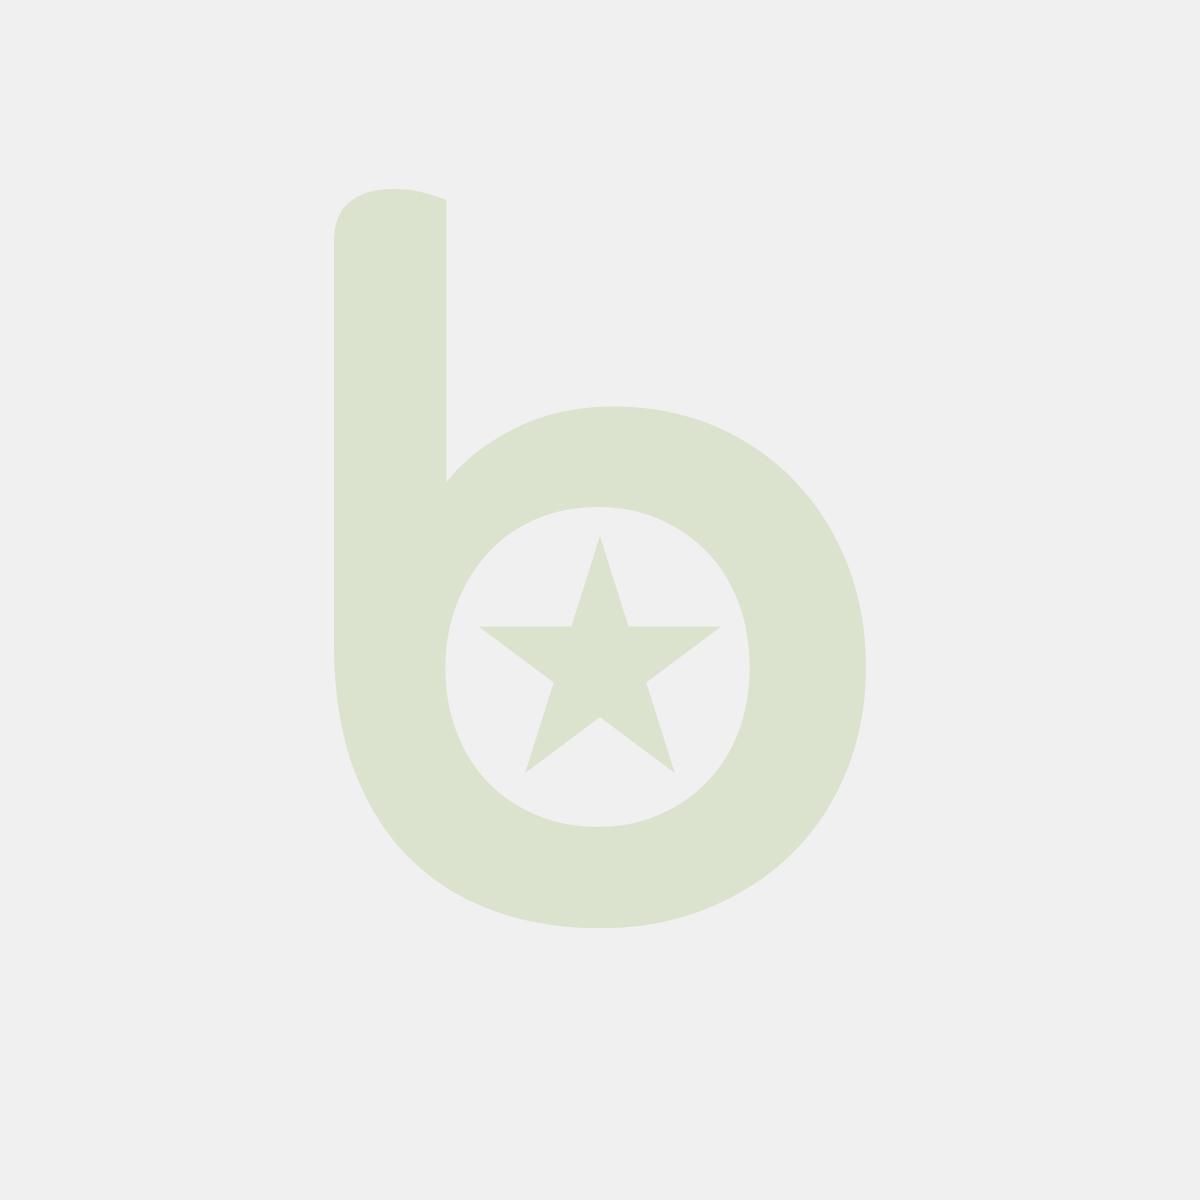 Piec Konwekcyjno-Parowy – Elektryczny, Sterowanie Manualne 5X Gn 1/1